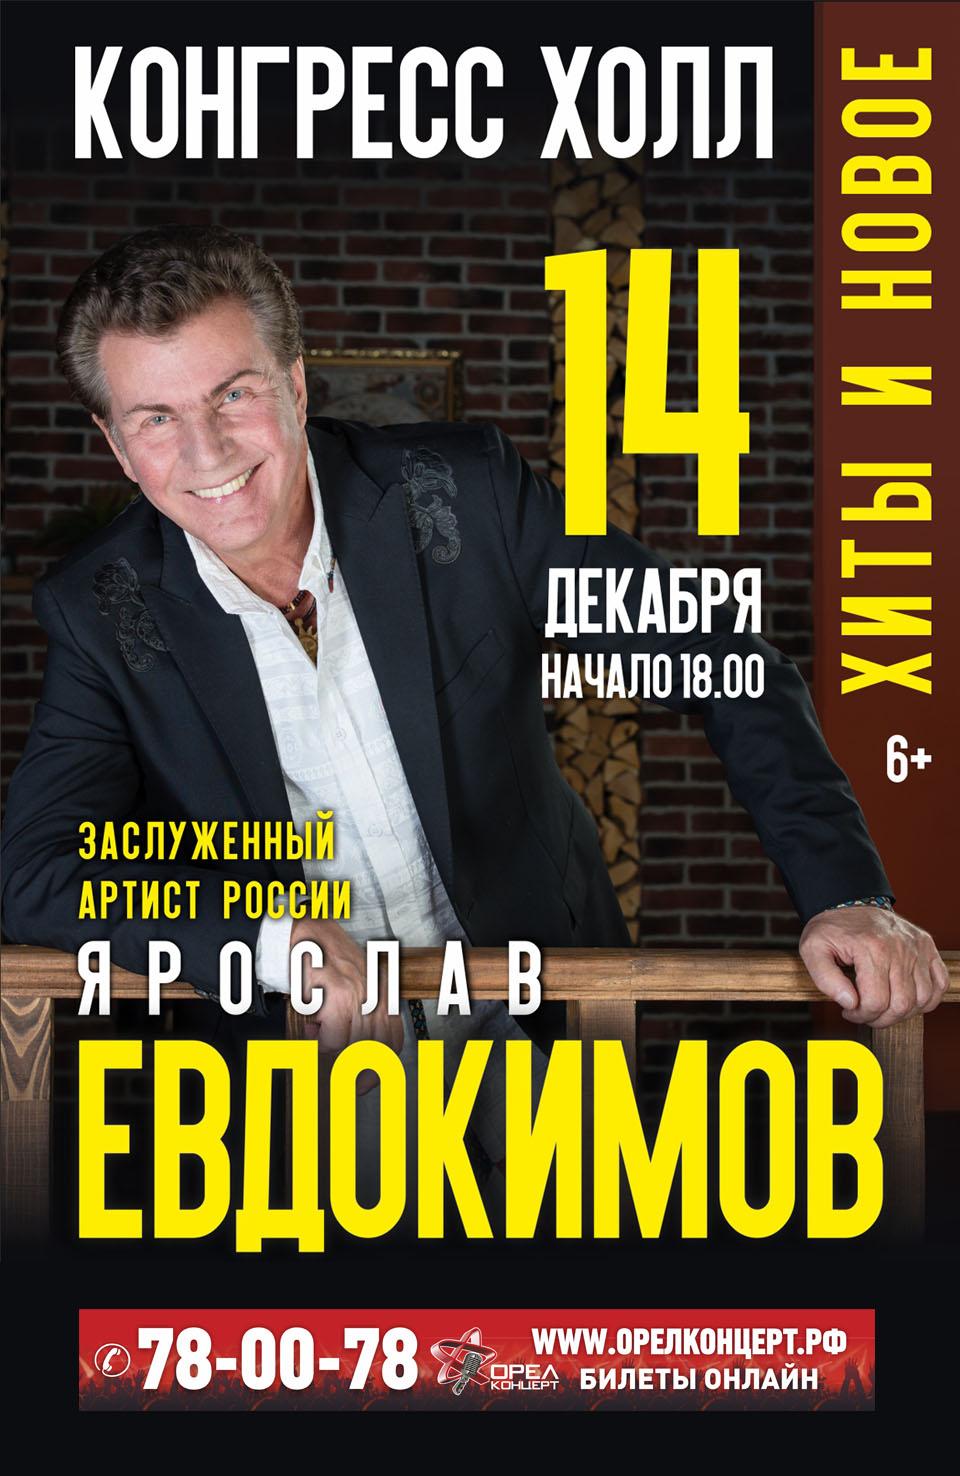 Ярослав Евдокимов «Хиты и новое»